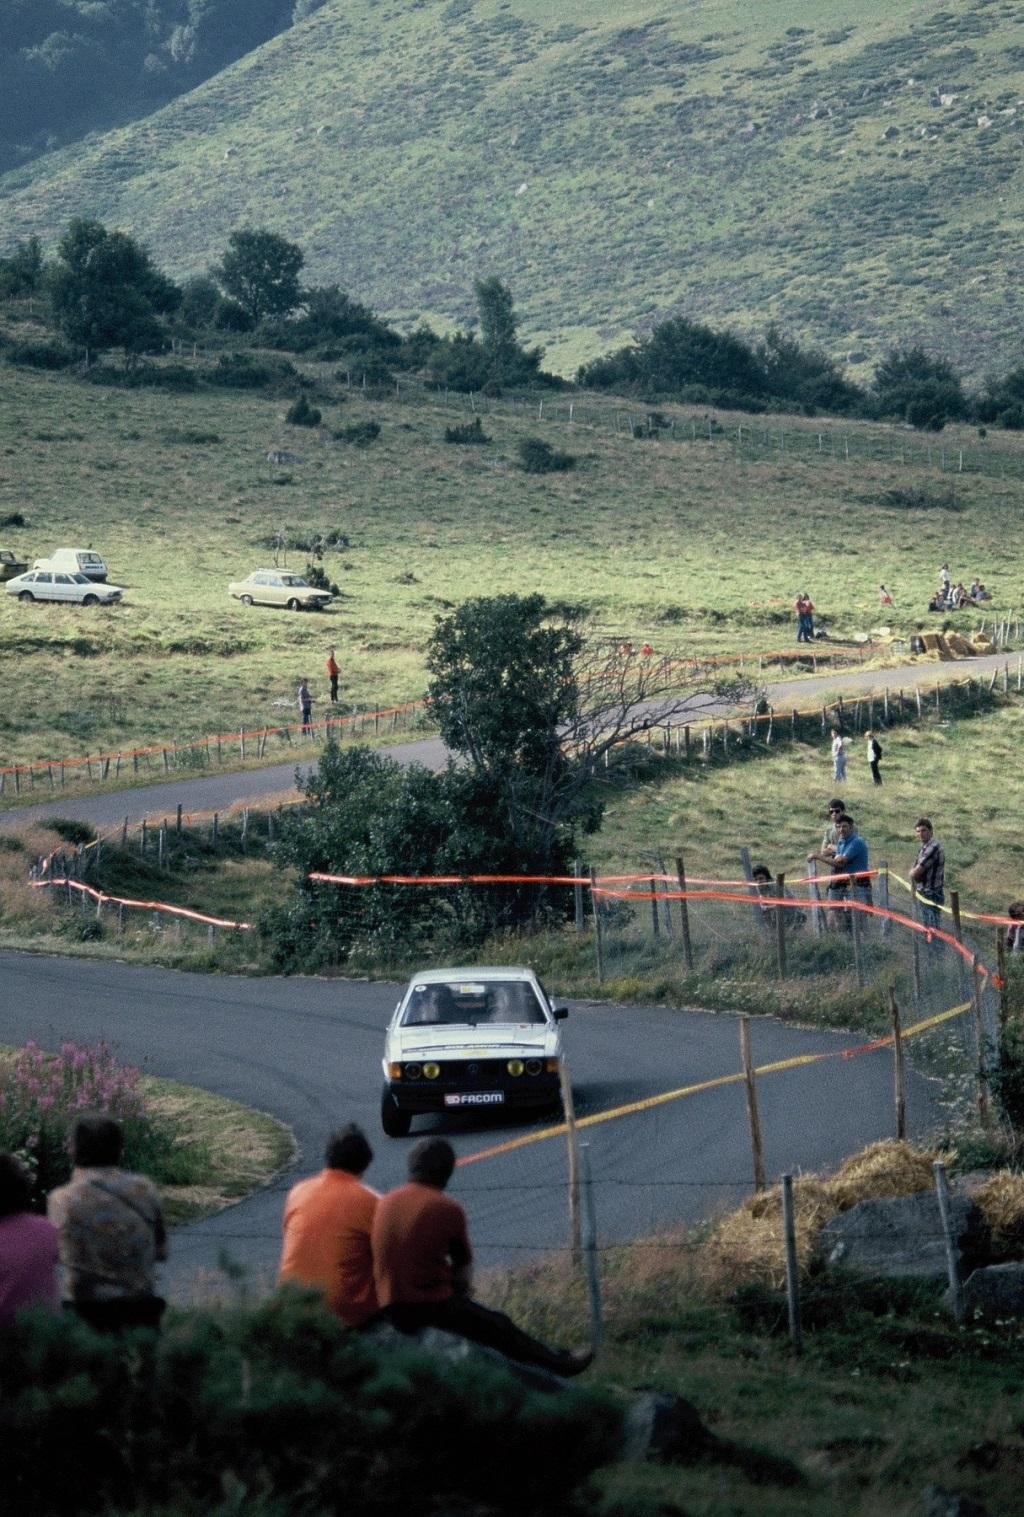 vw-scirocco-1978-le-mont-dore-photo-thierry-le-bras